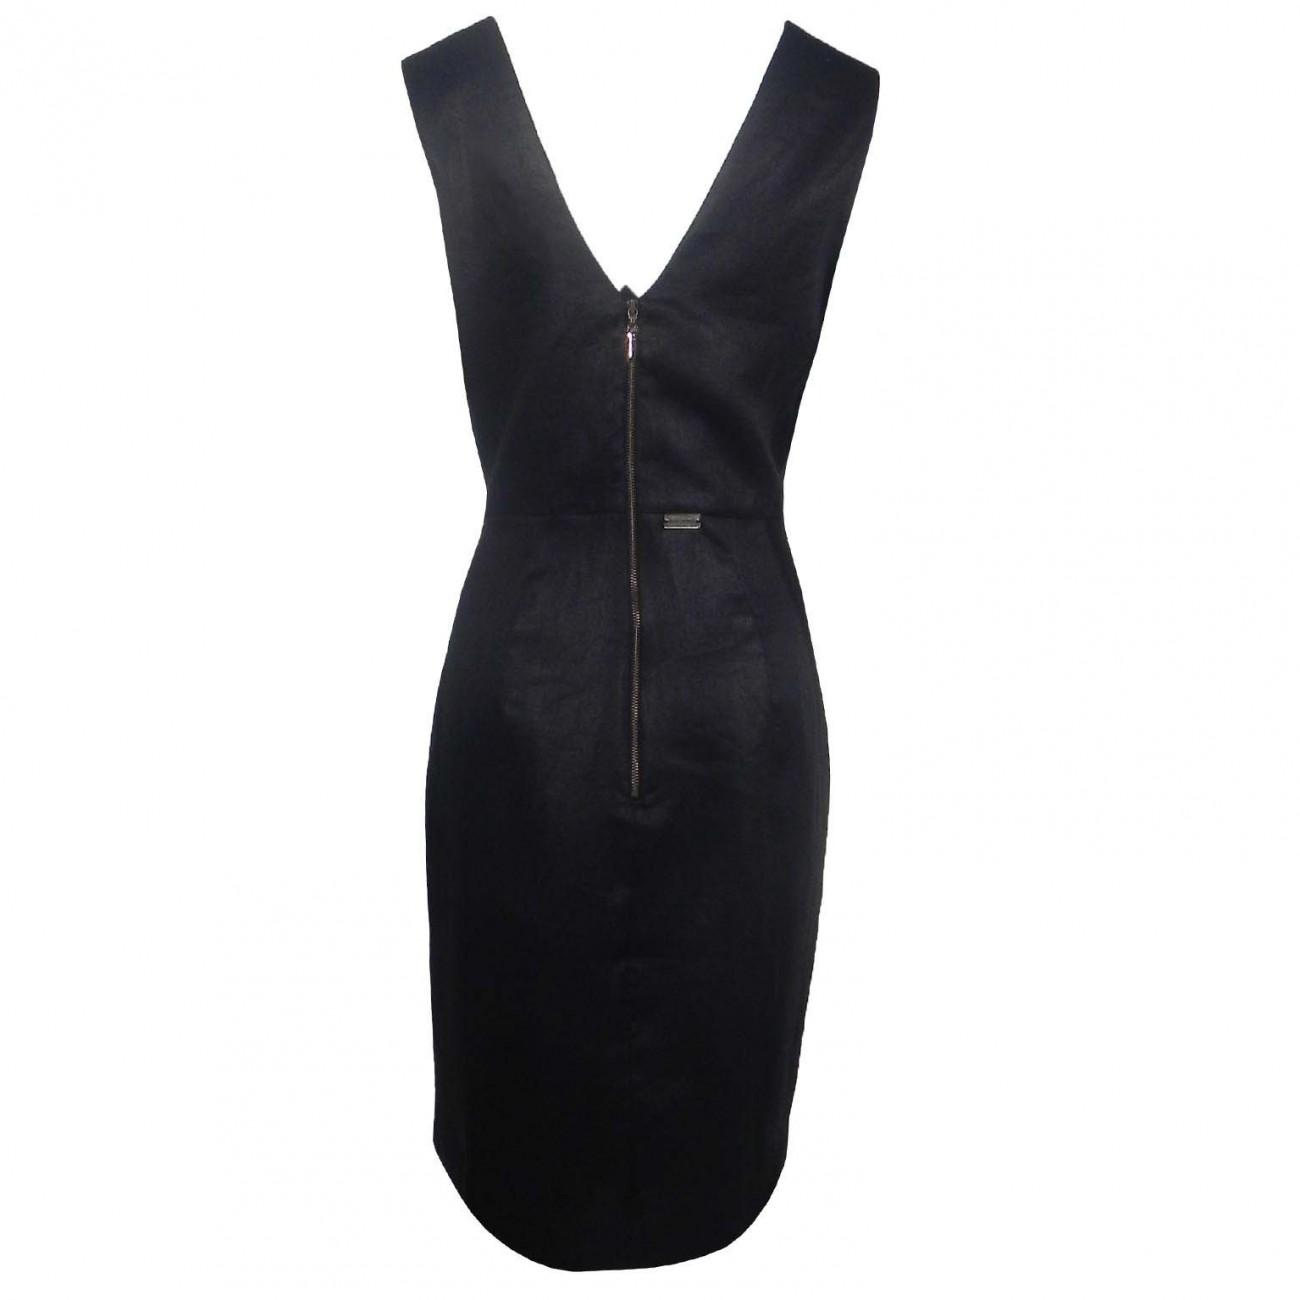 8af692a5a Vestido de Linho Maria Valentina - Cor Preto - Pole Modas